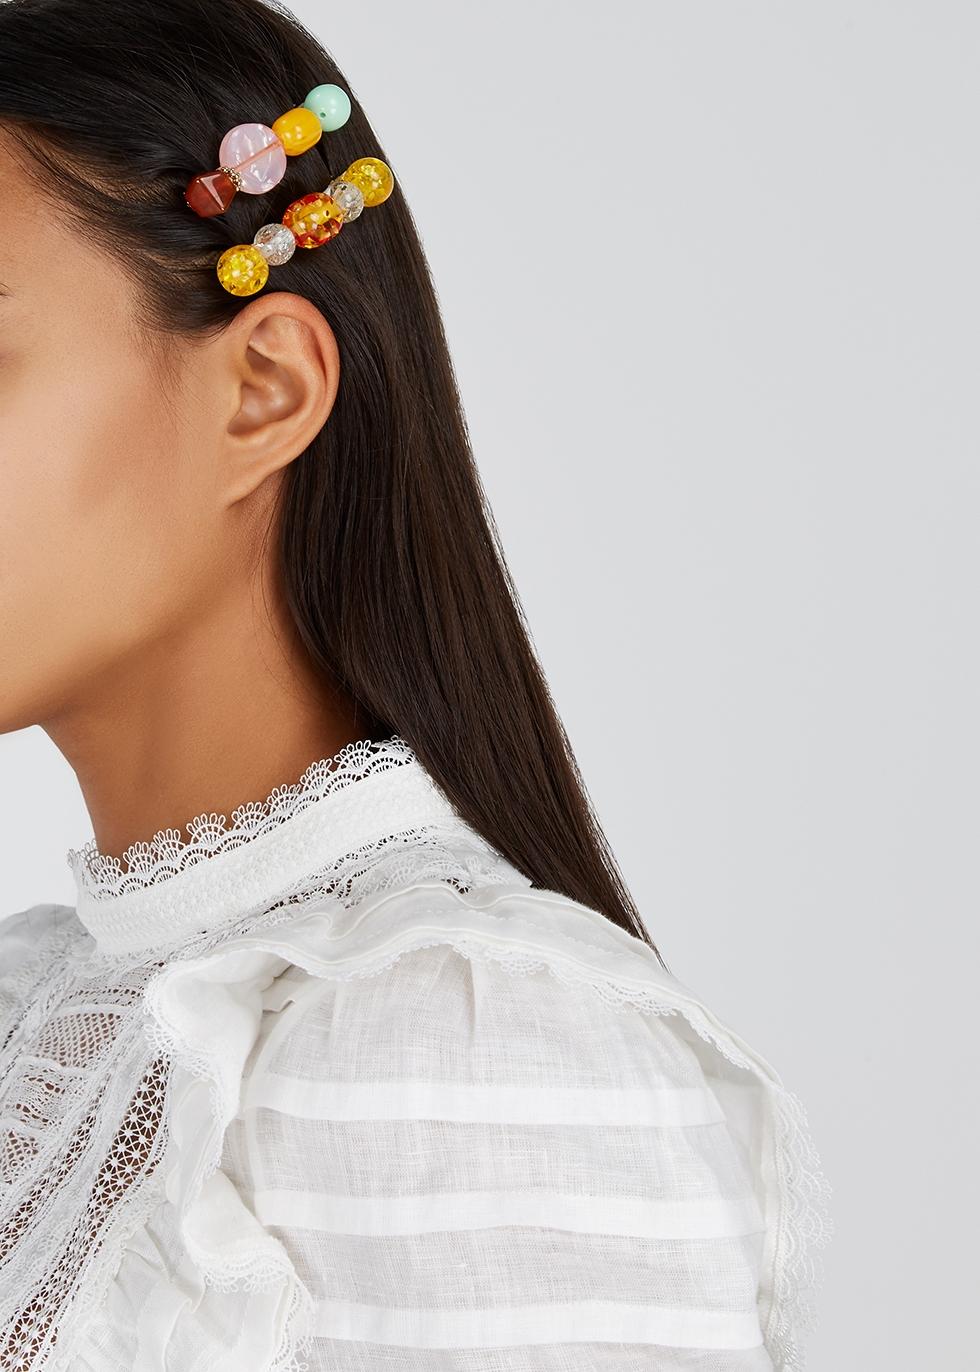 Lulu hair clips - set of two - Valet Studio